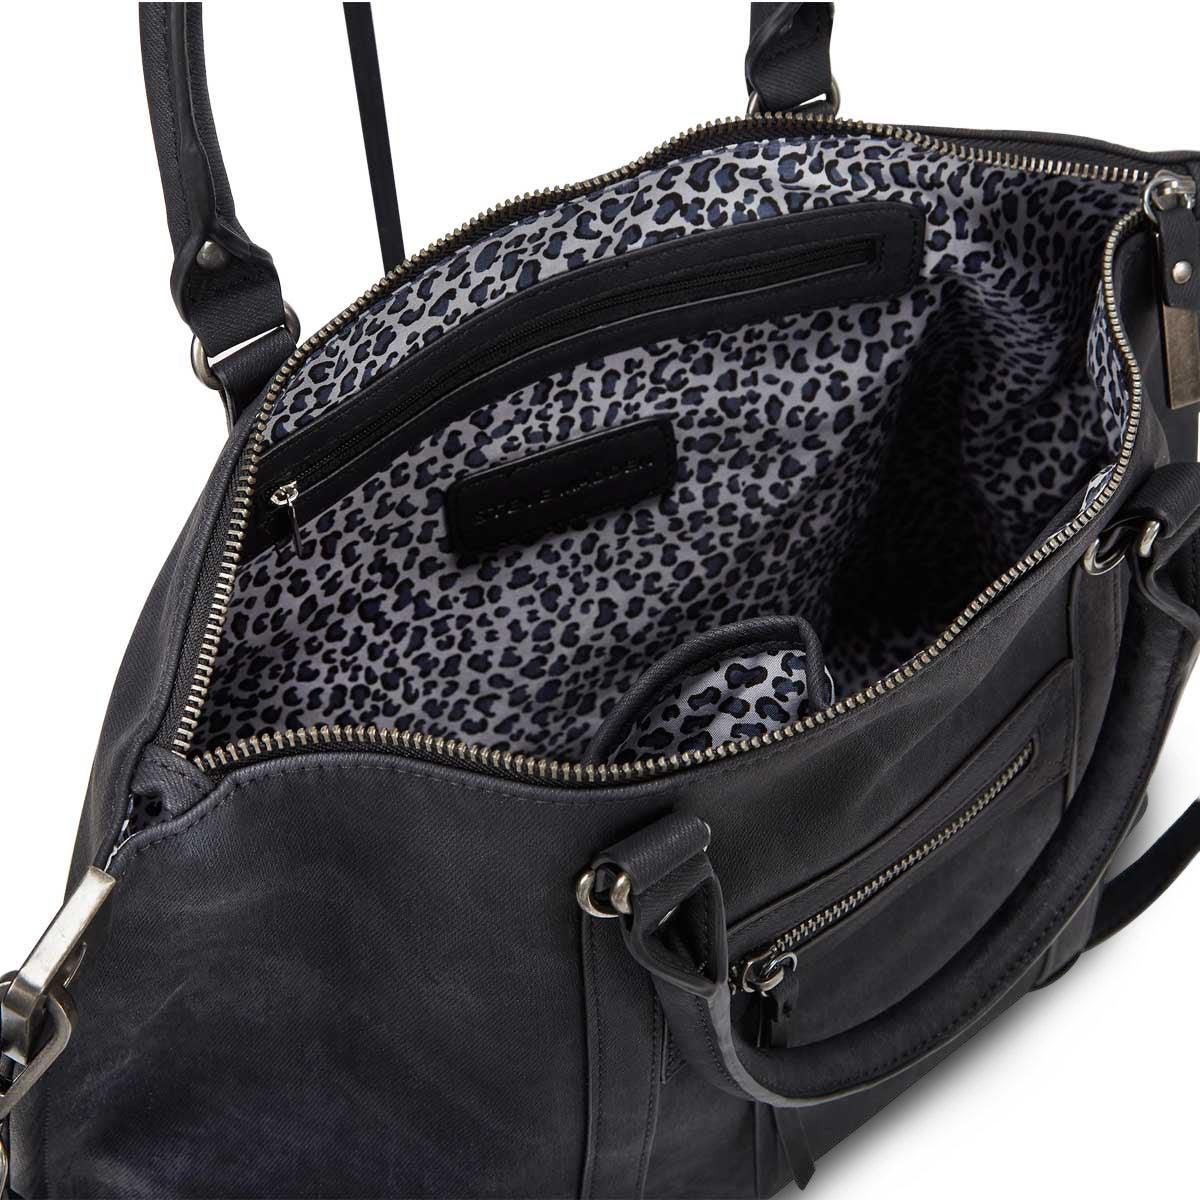 Lds BLaurel black covertible hobo bag